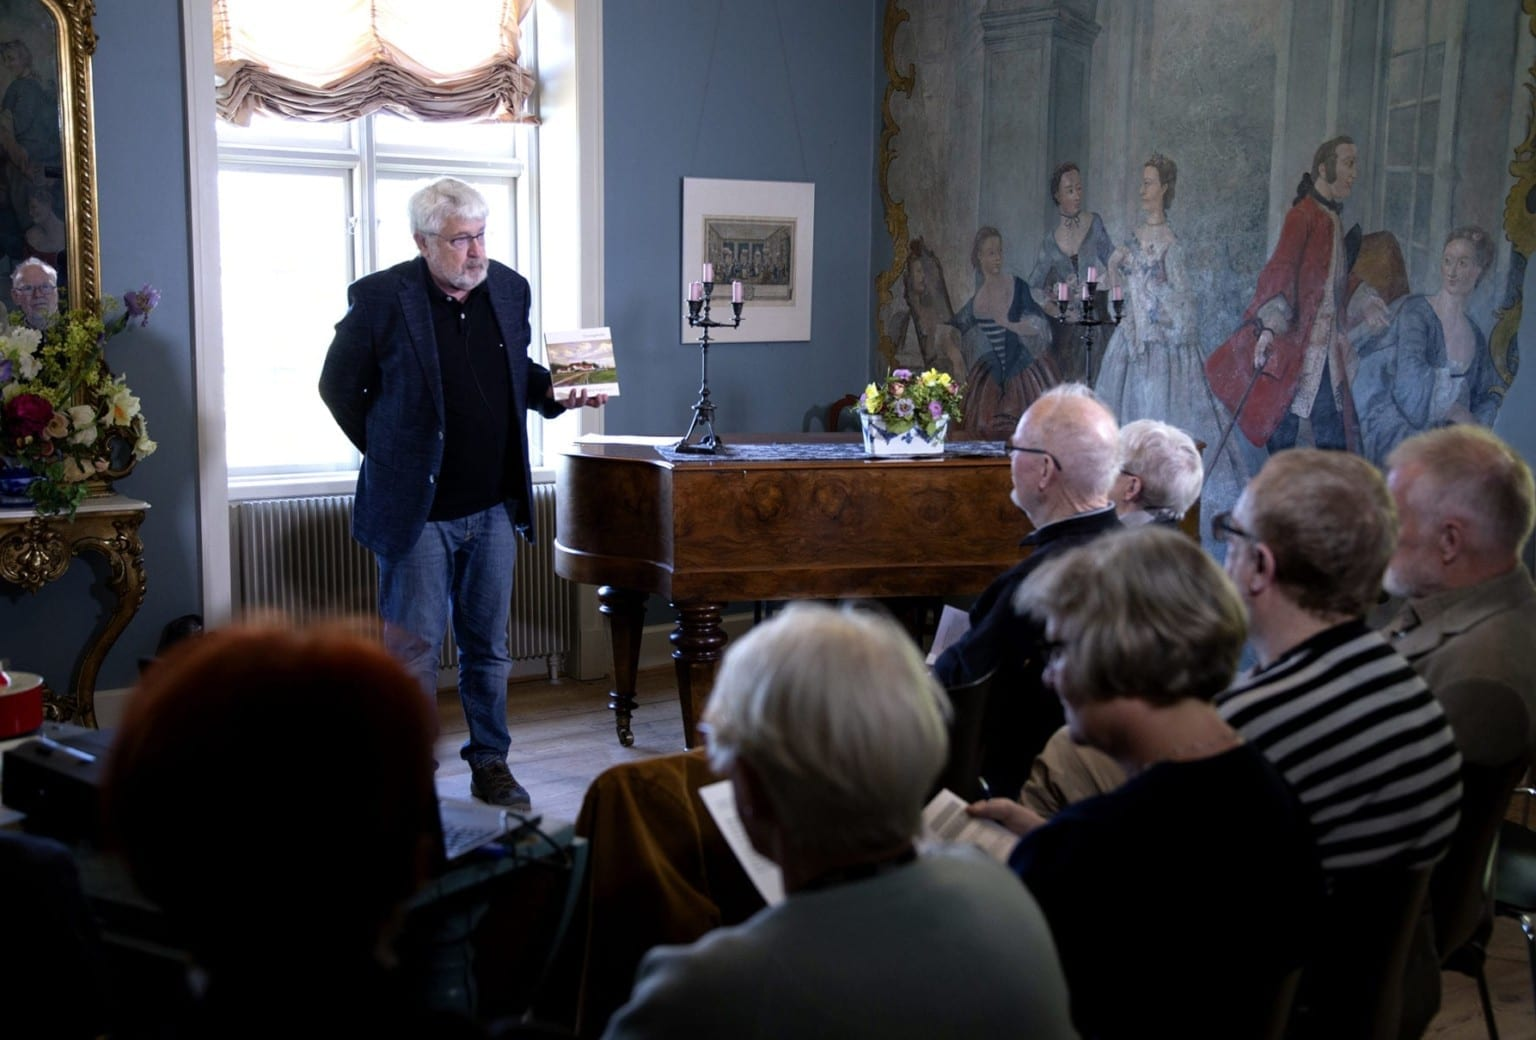 Foredrag på Herningsholm Museum